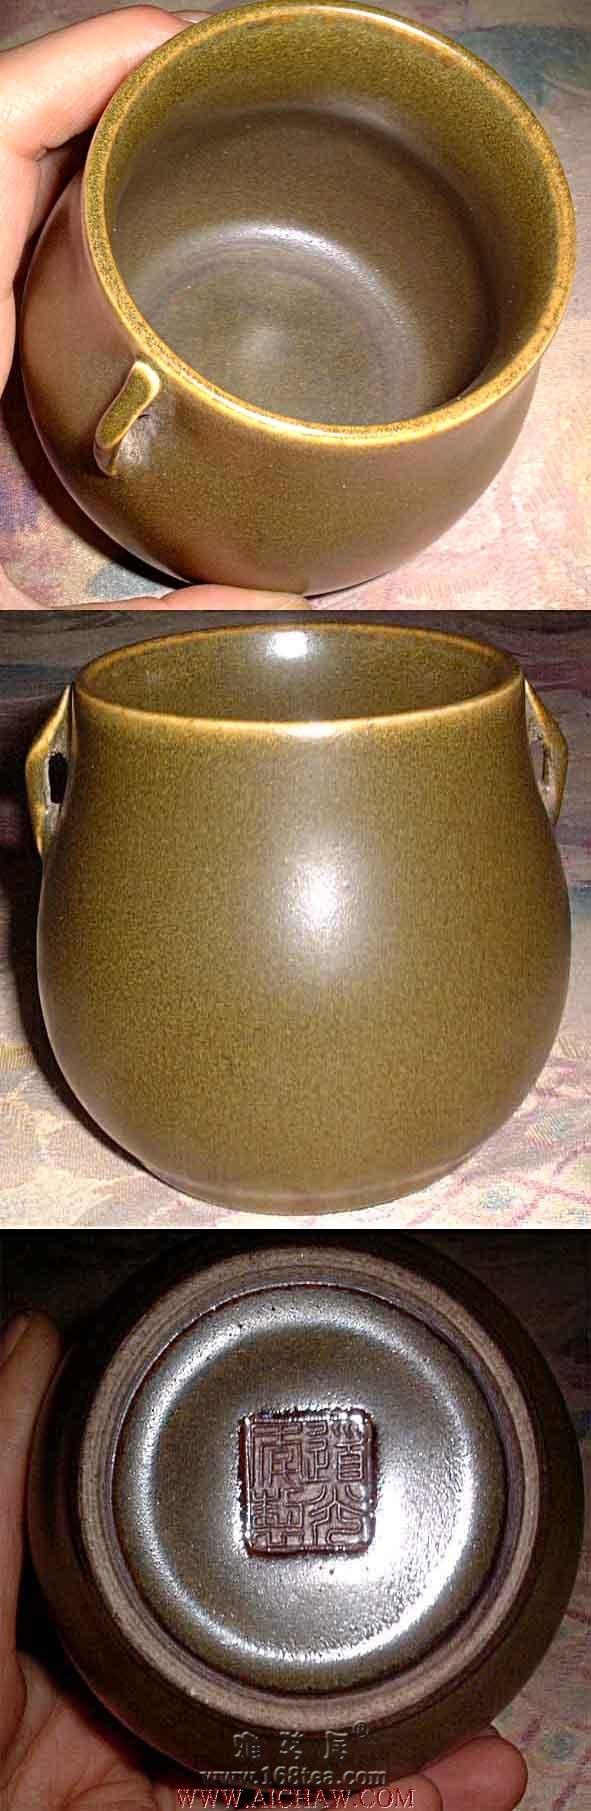 茶叶末制作成的工艺品